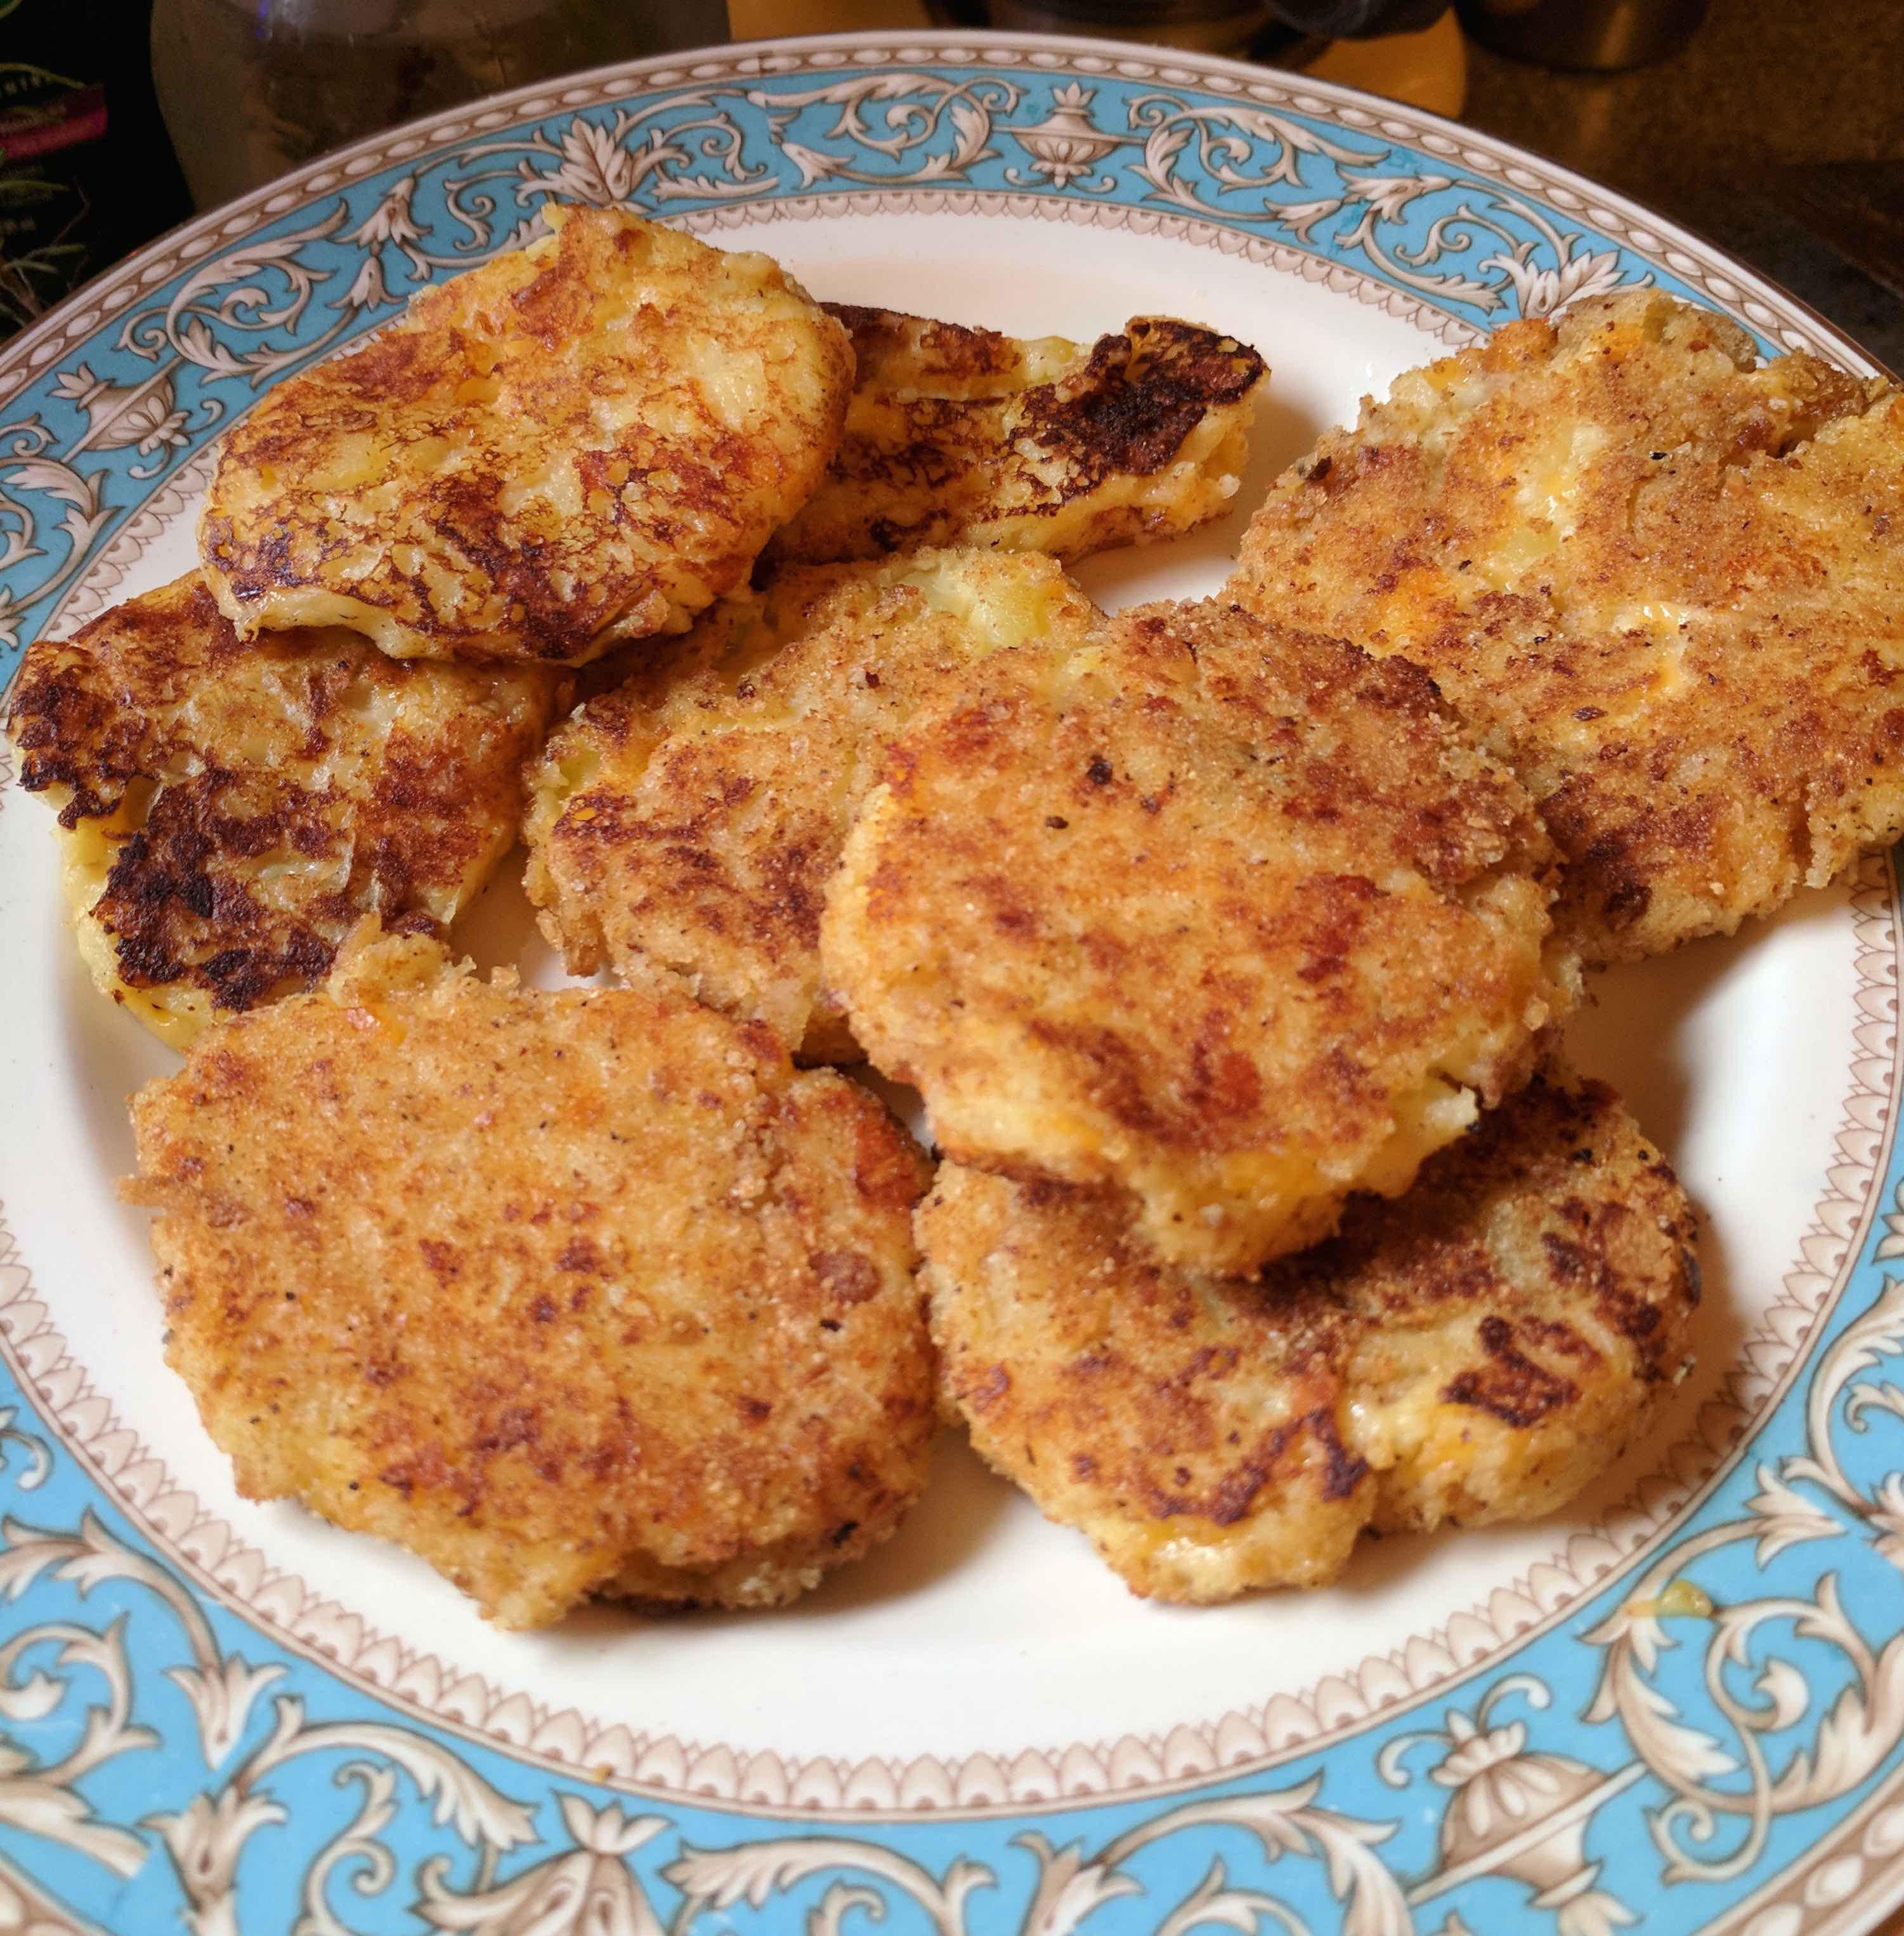 Leftover Mashed Potato Cakes  Leftover Mashed Potato Cakes